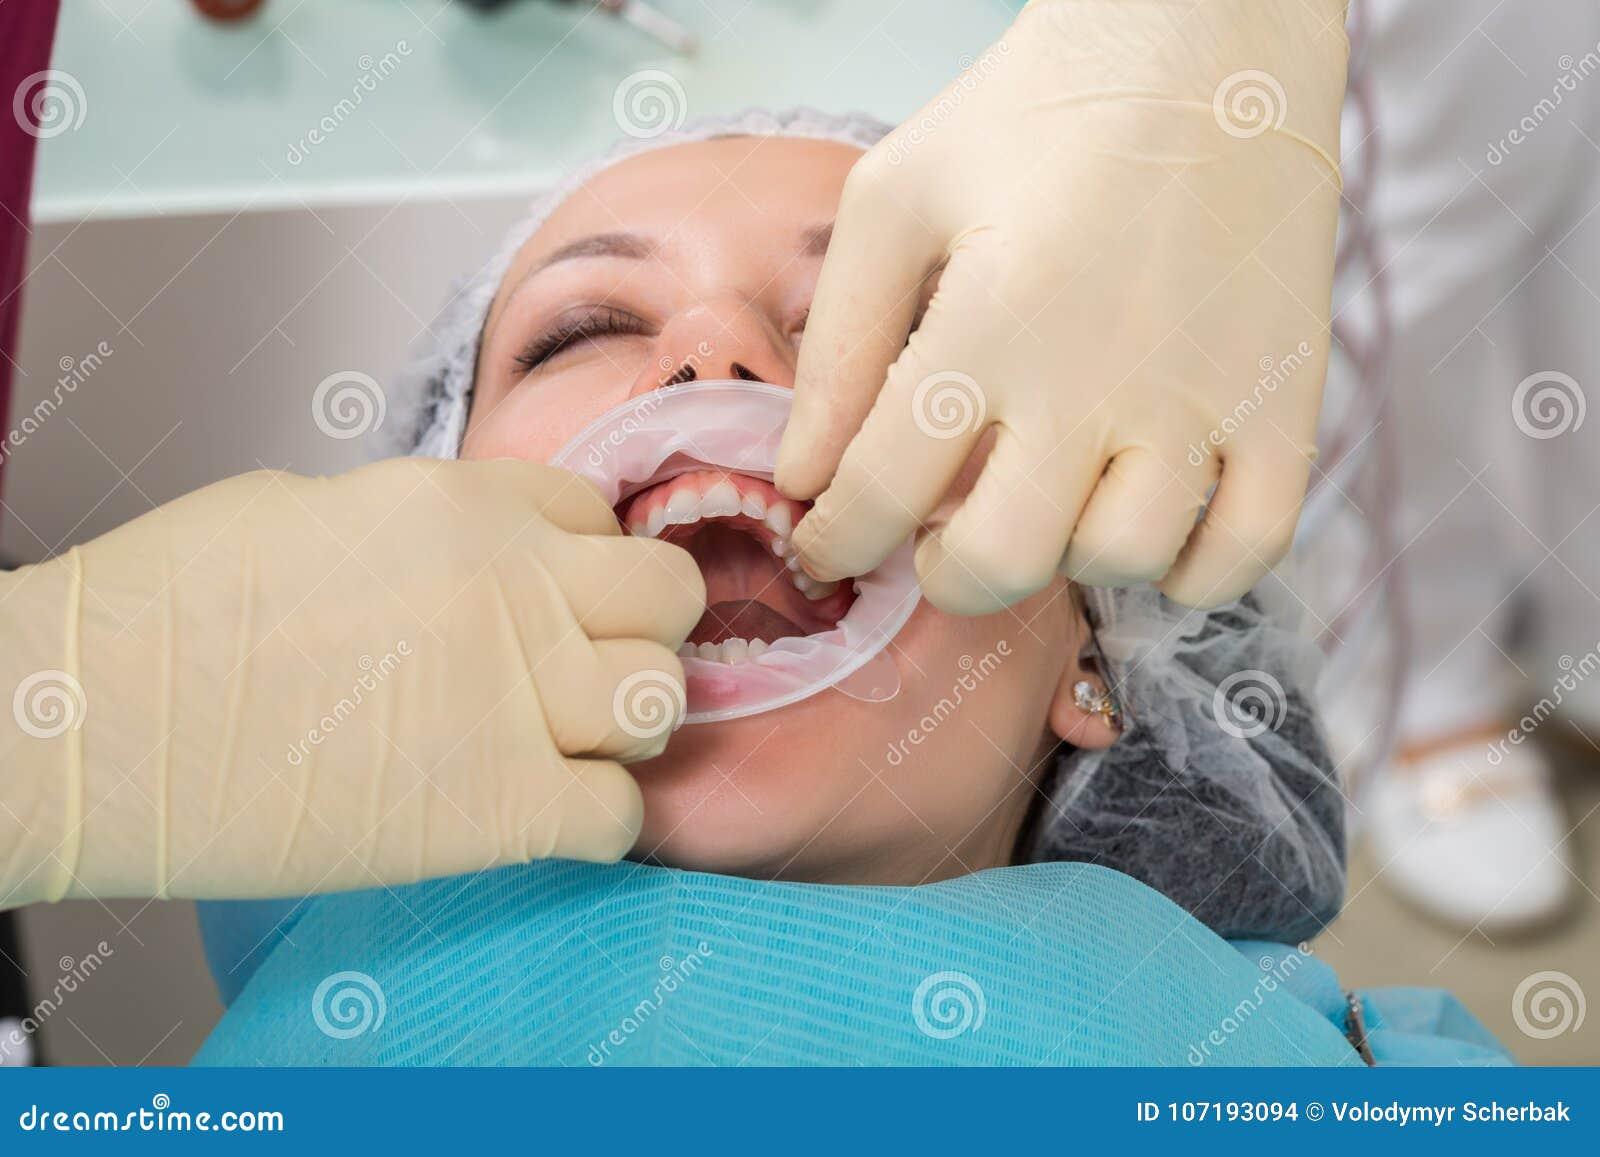 Zamyka w górę procesu narządzanie i instalować stomatologiczną ceramiczną koronę Męski fachowy dentysta pomaga taktować zęby kobi